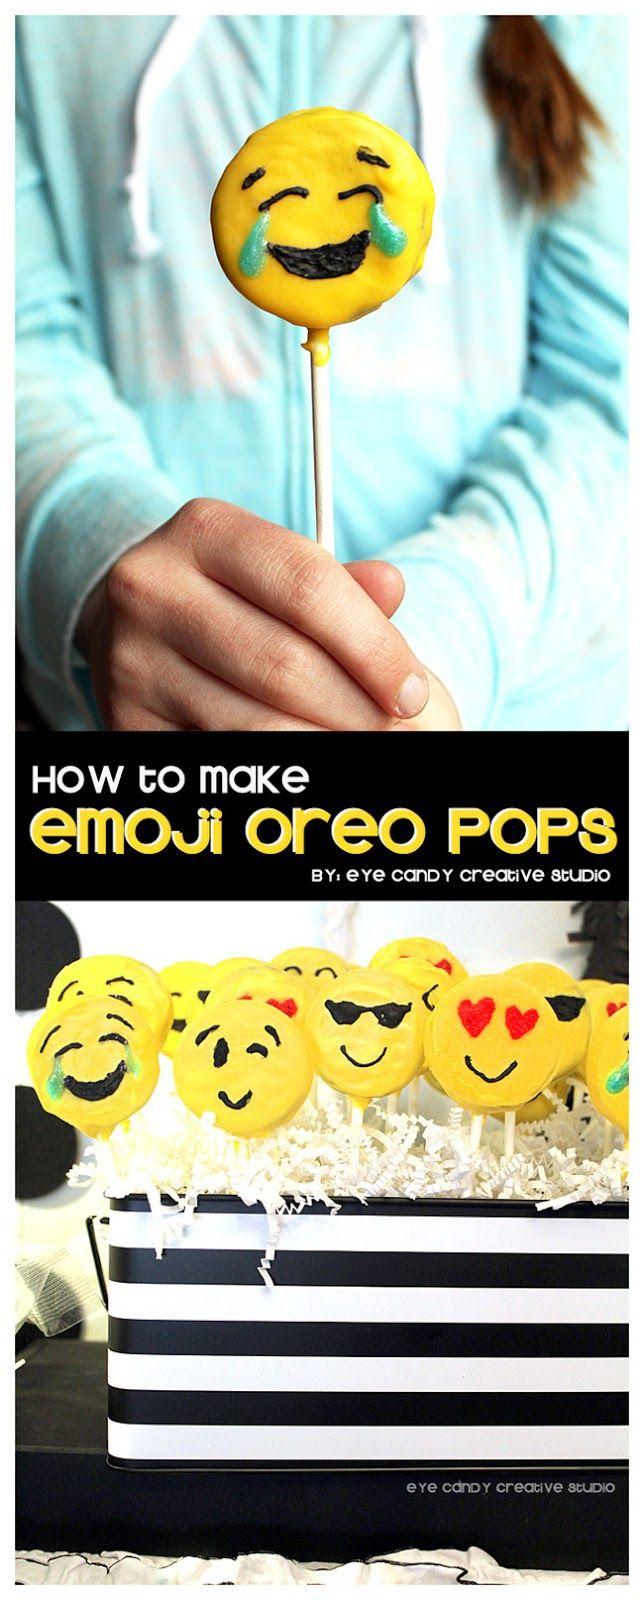 how to make emoji Oreo pops @eyecandycreate #oreopops #emojipops #emojiparty